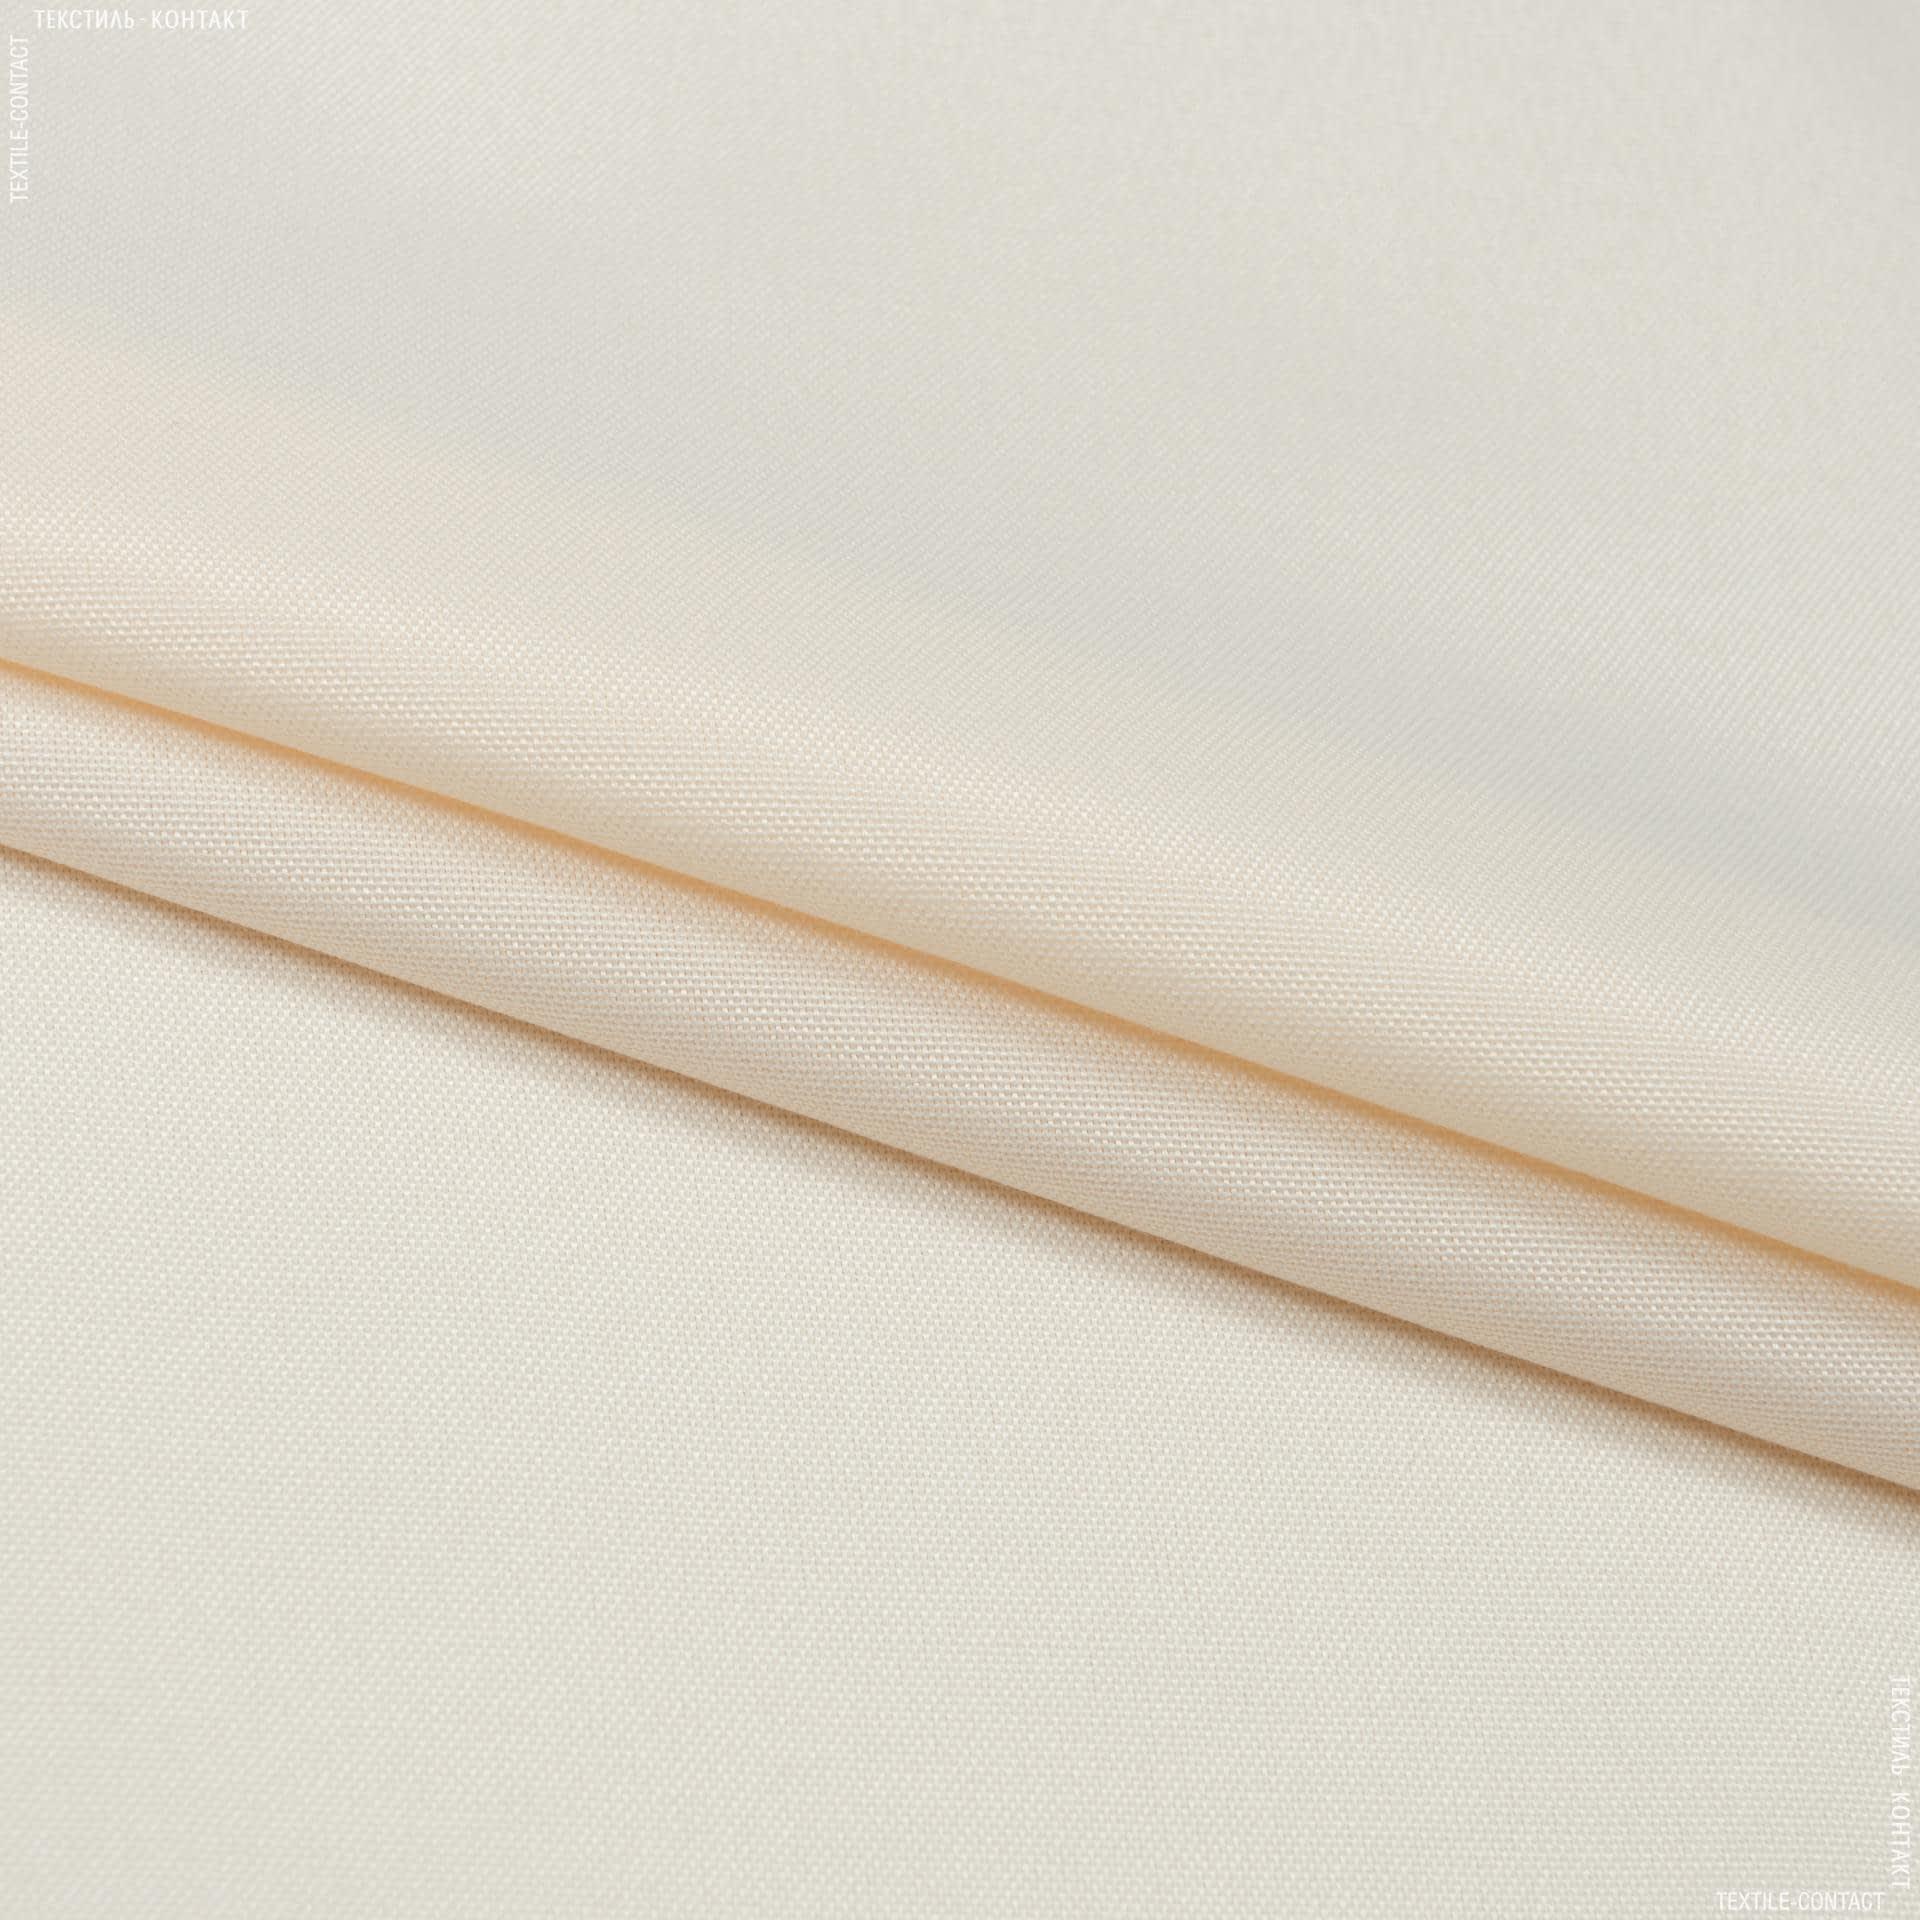 Ткани для банкетных и фуршетных юбок - Декоративная ткань ЛЕГЕНДА / топленое молоко